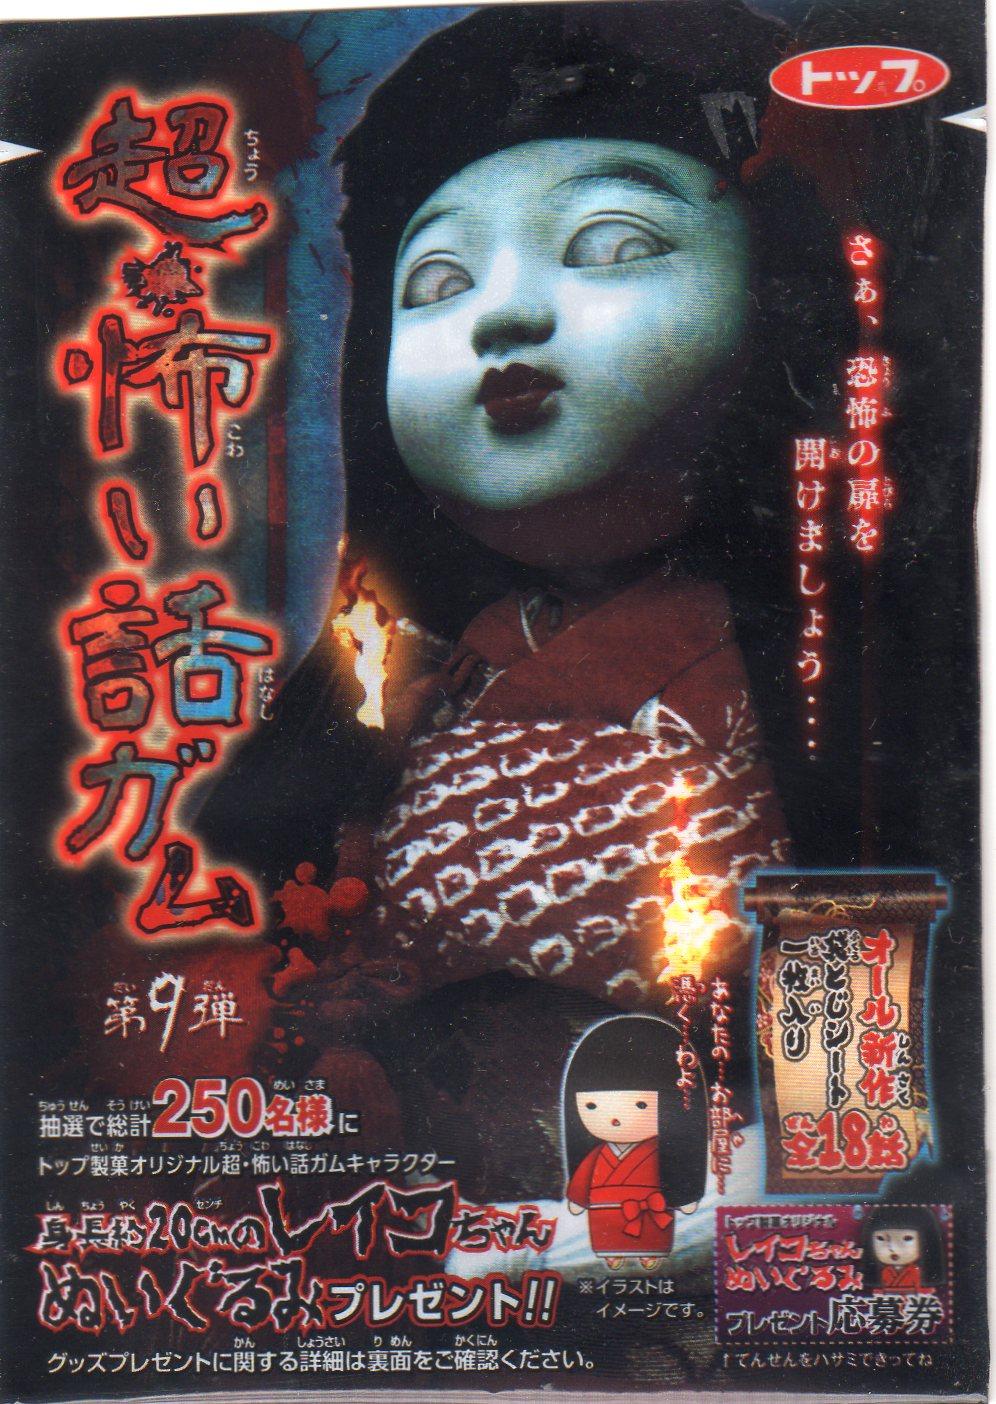 超怖い話ガム 開封の儀 2nd season 其の5